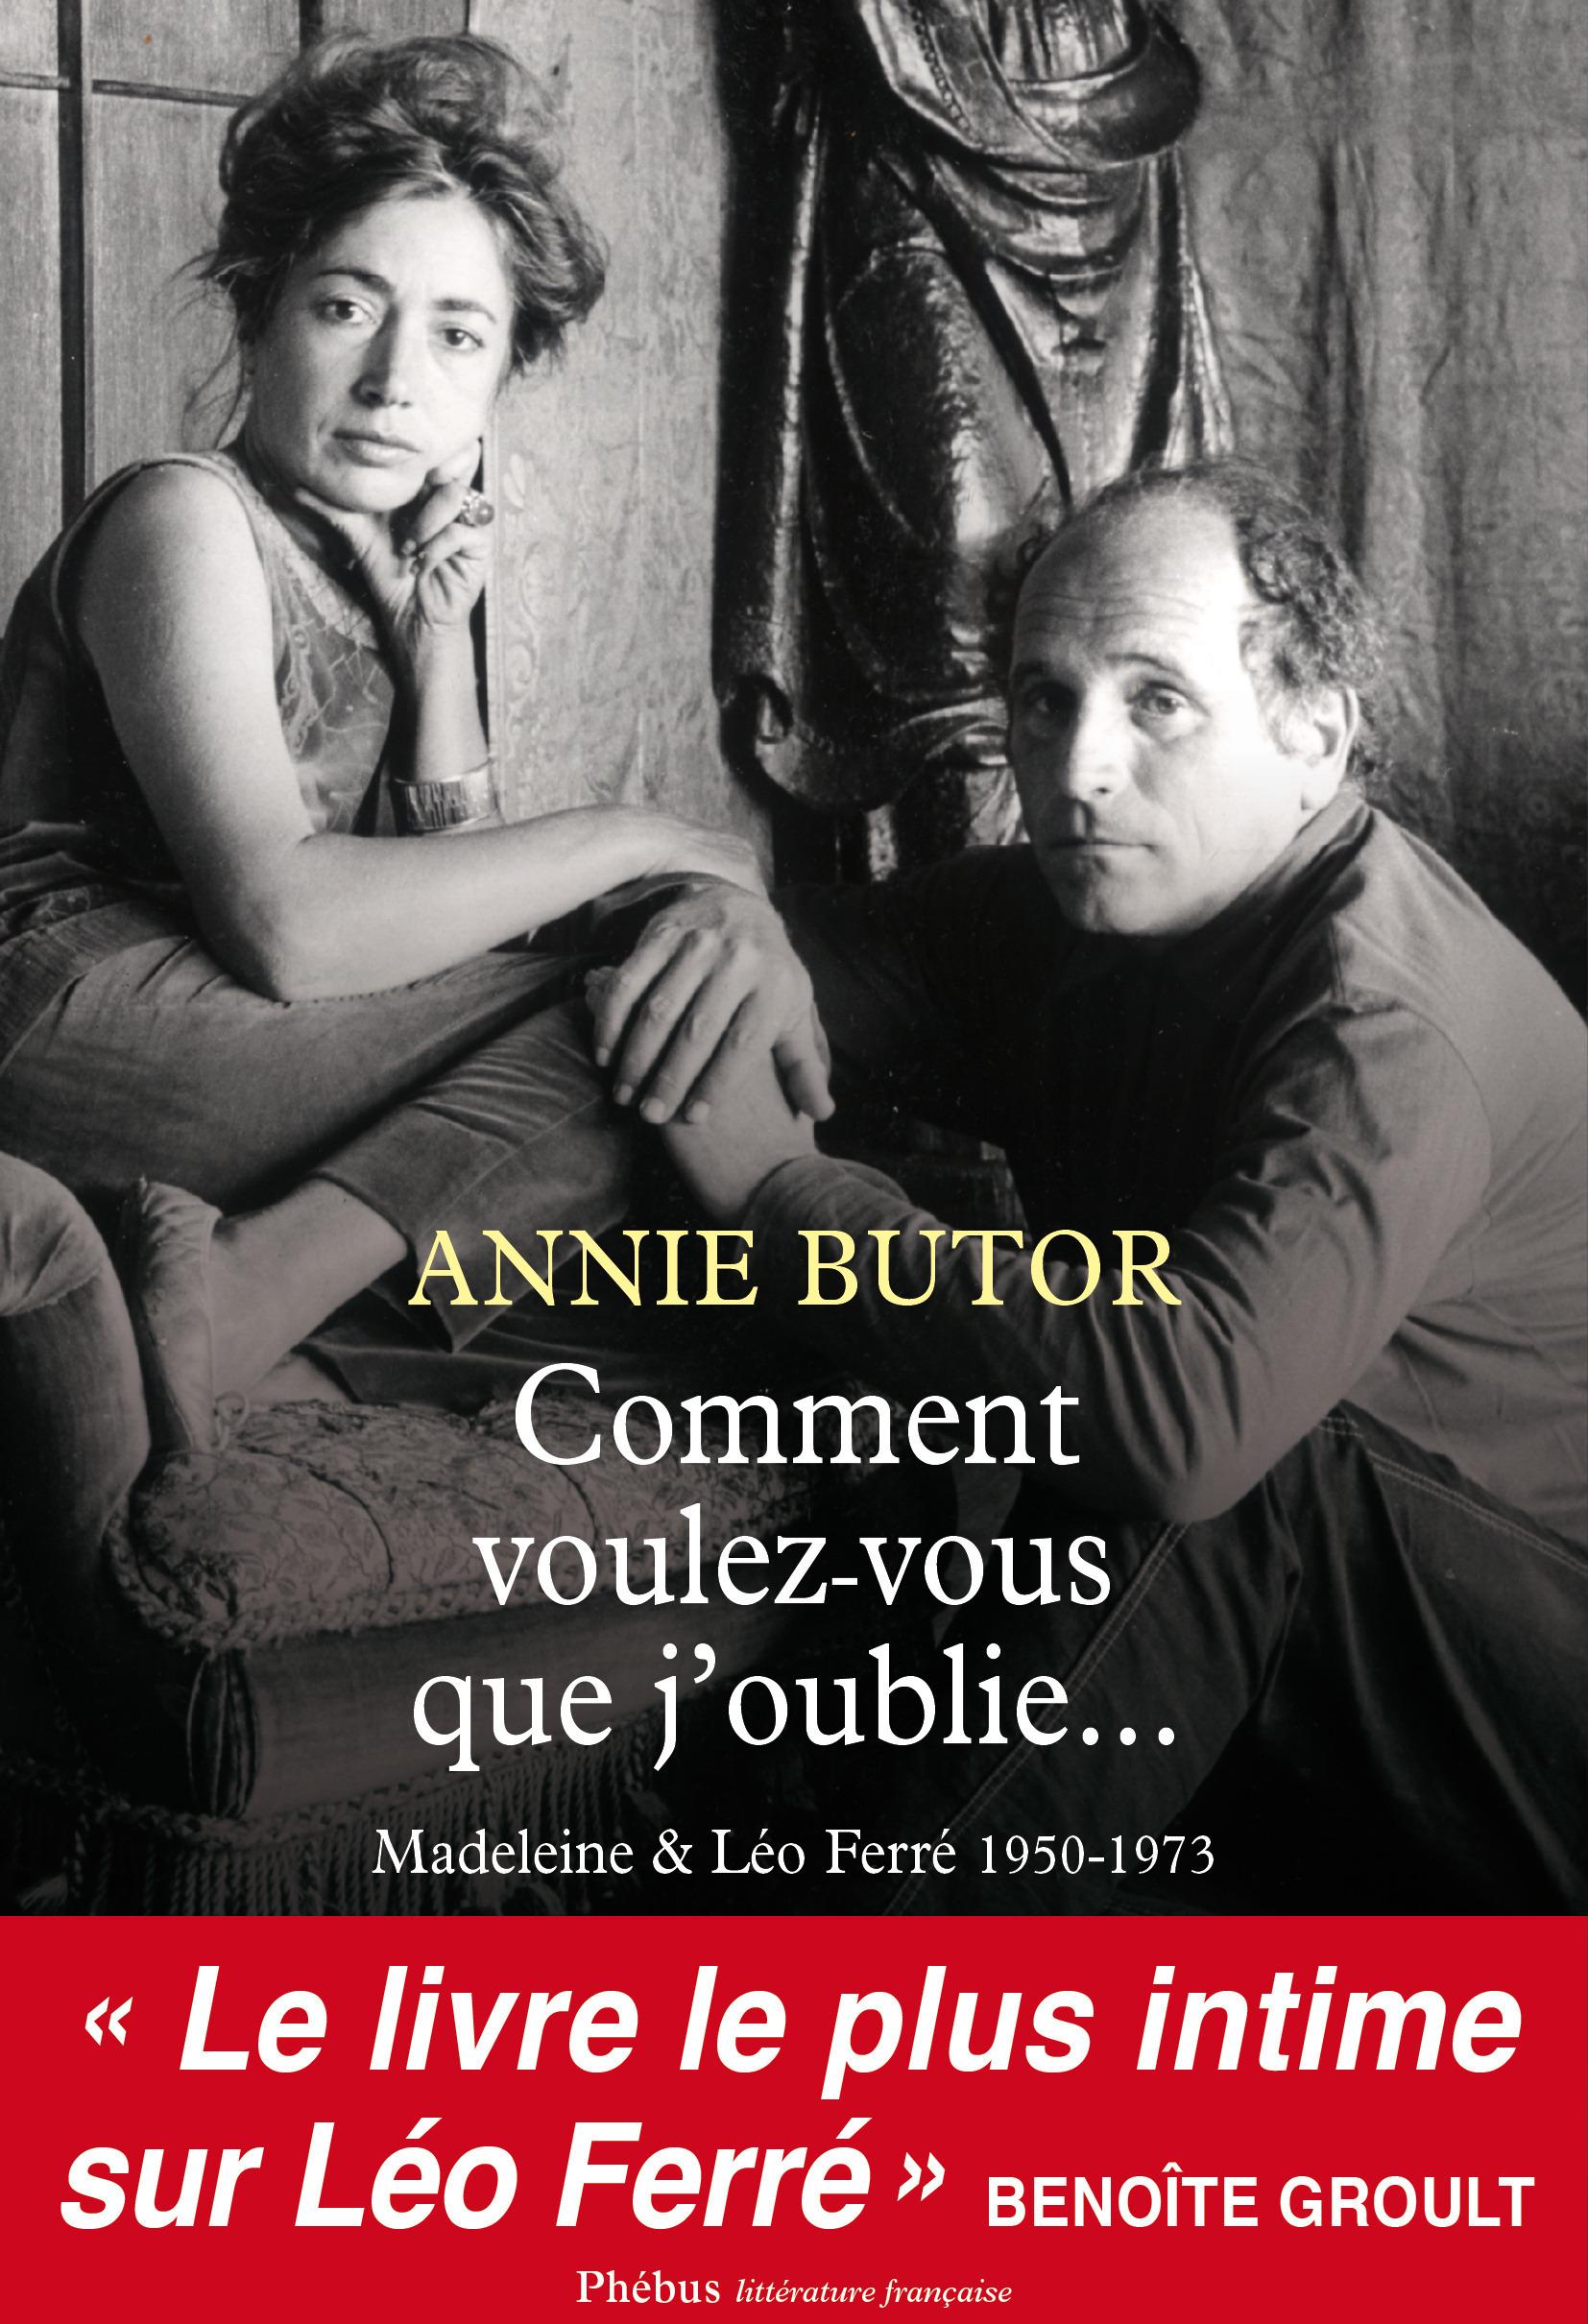 Comment voulez-vous que j'oublie... Madeleine et Léo Ferré, 1950-1973